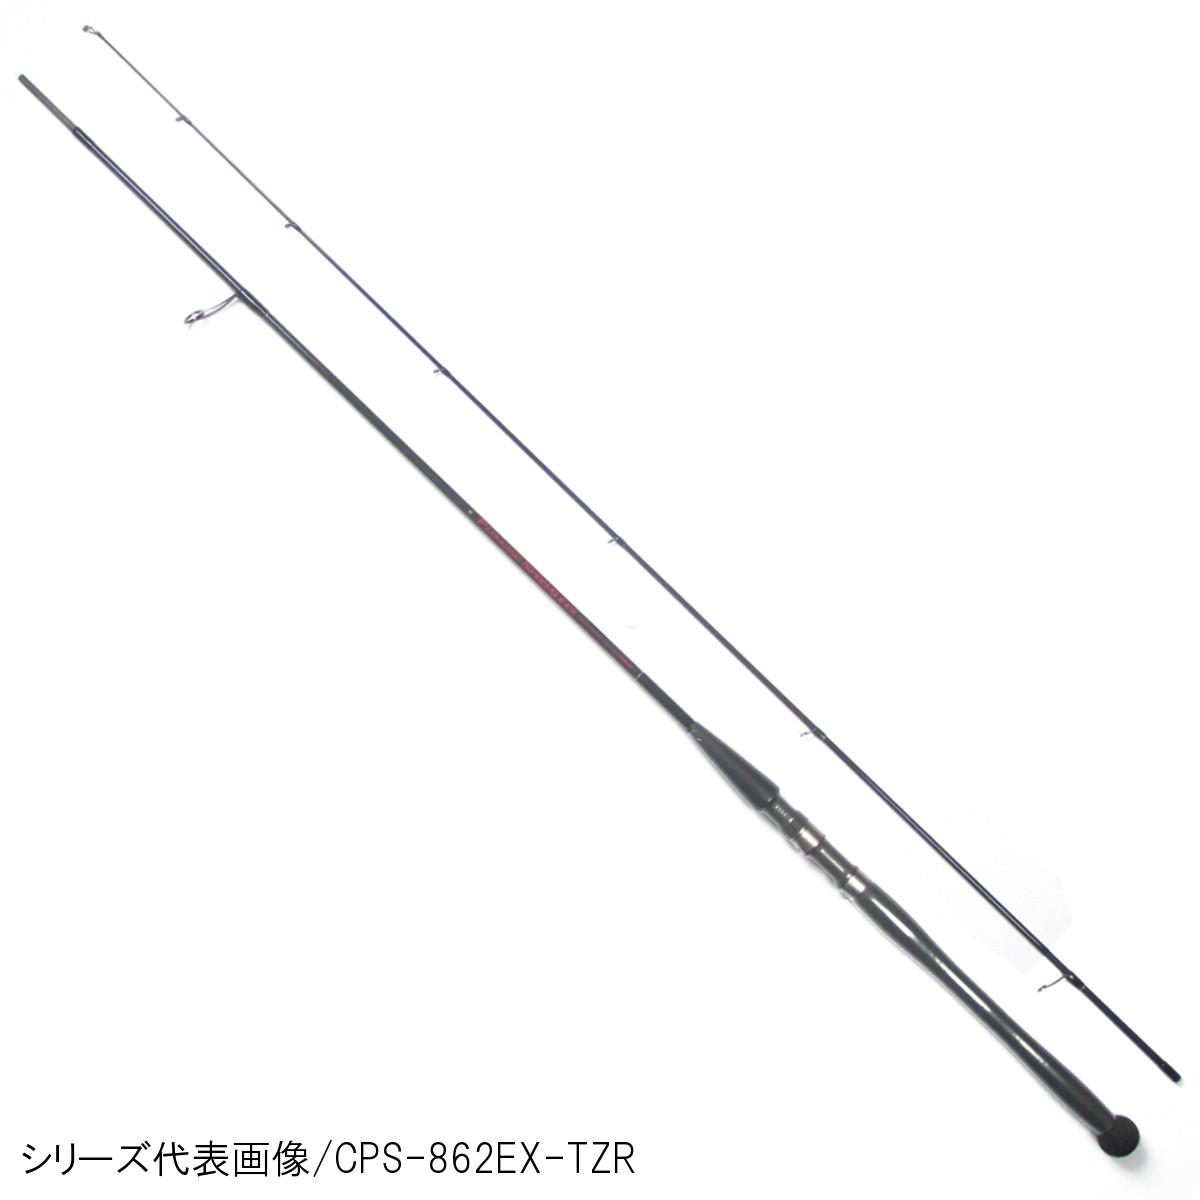 プラッキング・スペチアーレ CPS-902EX-TZR【大型商品】